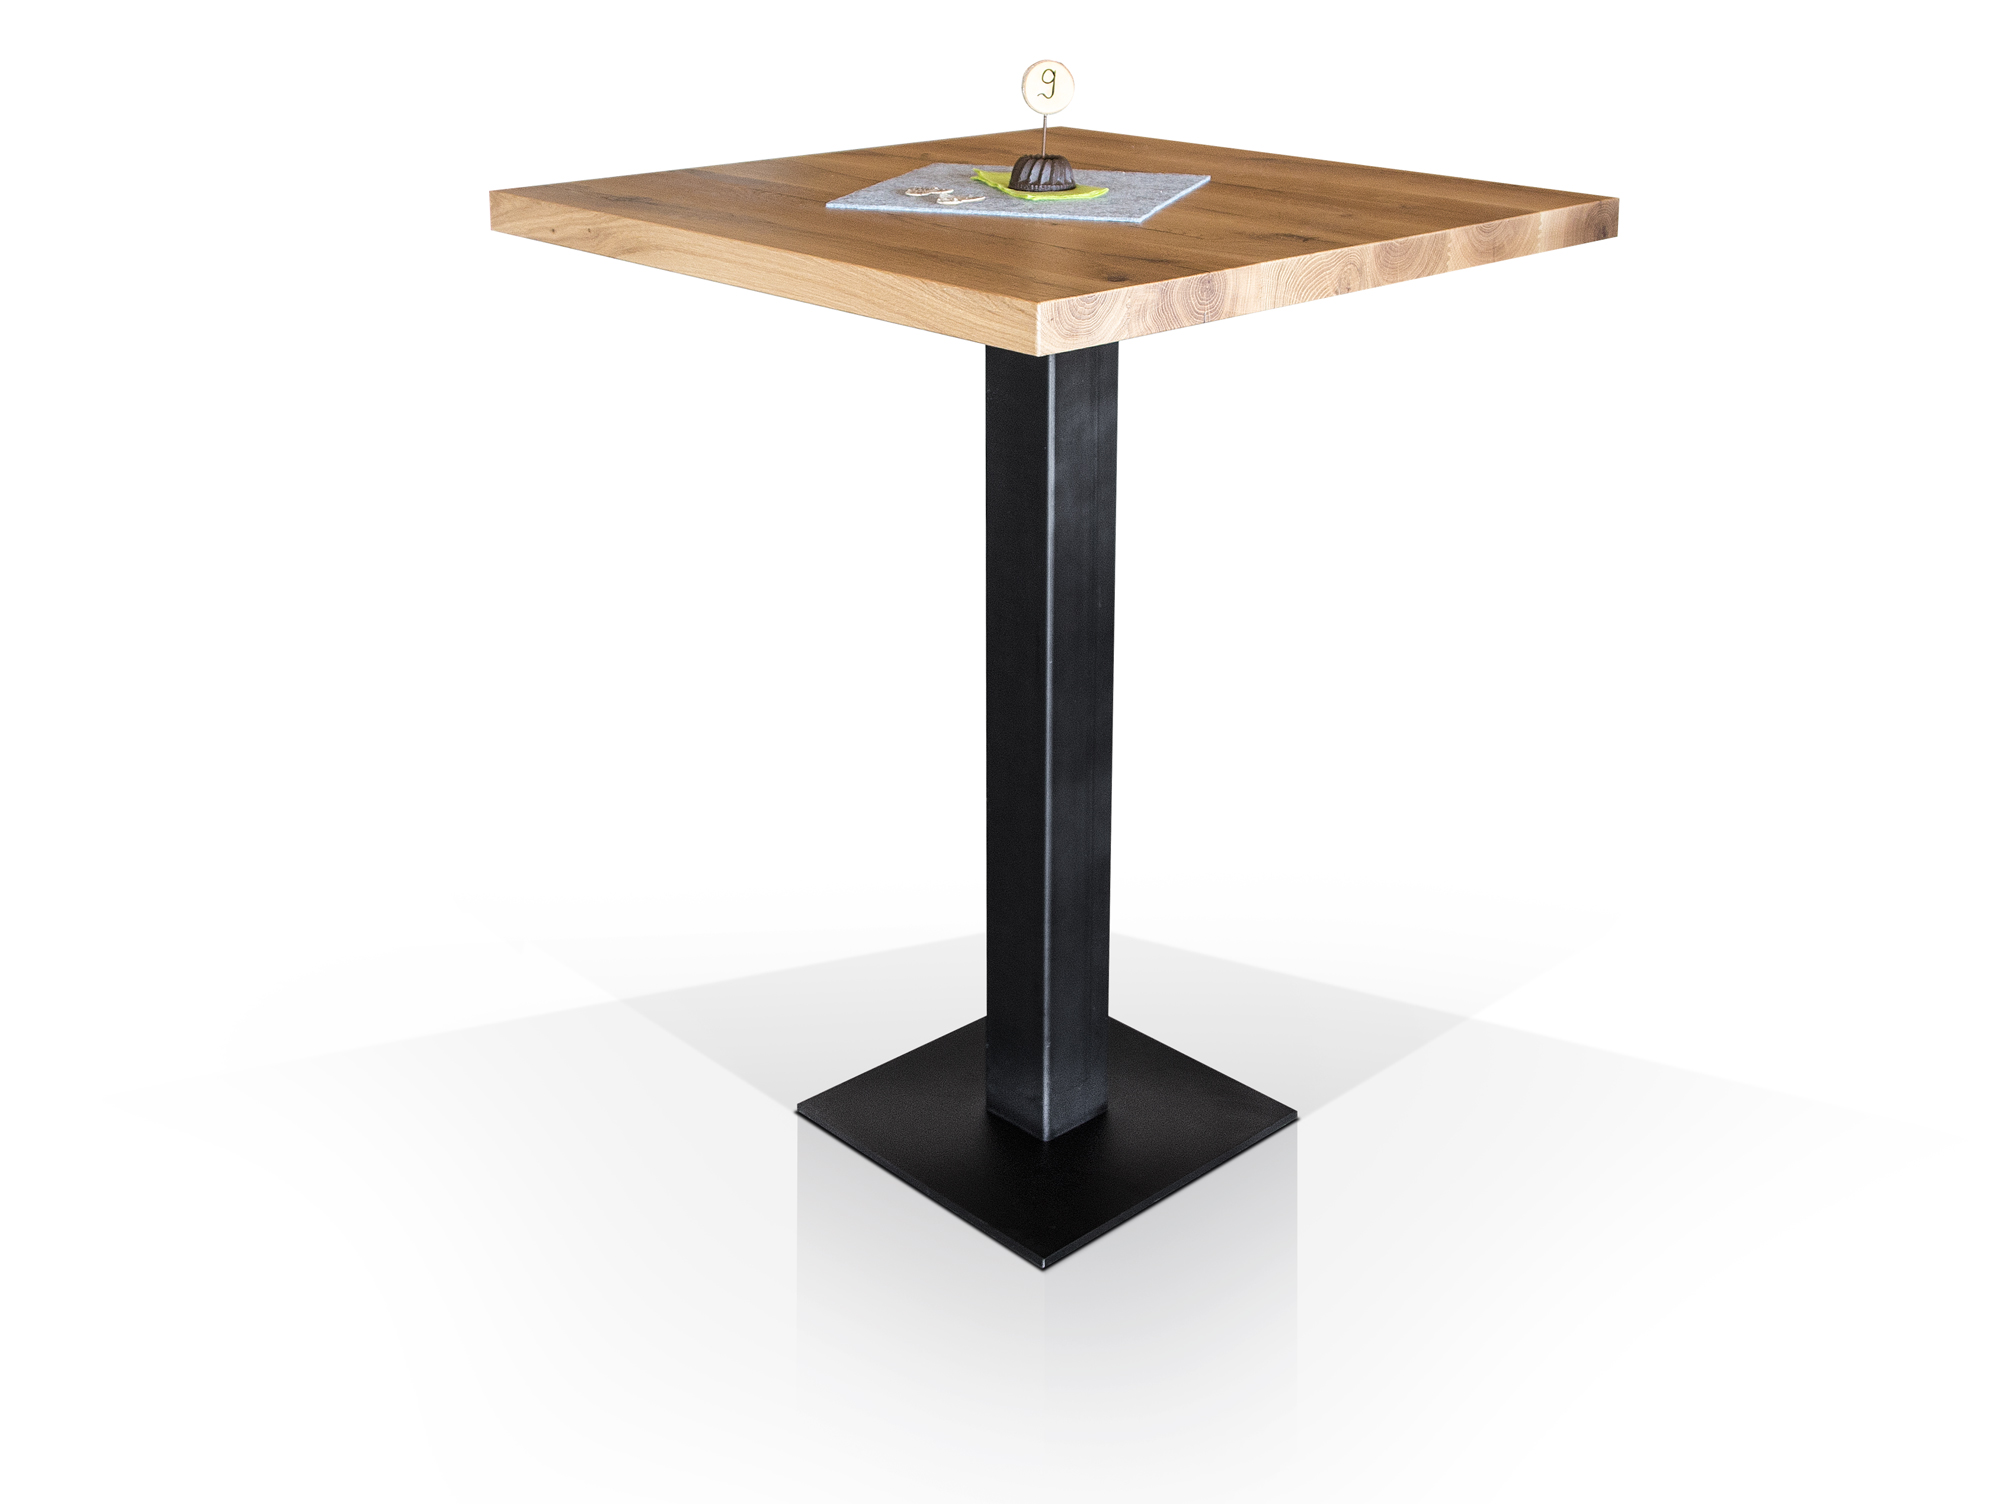 gastro bartisch eiche lackiert 90 x 90 cm. Black Bedroom Furniture Sets. Home Design Ideas